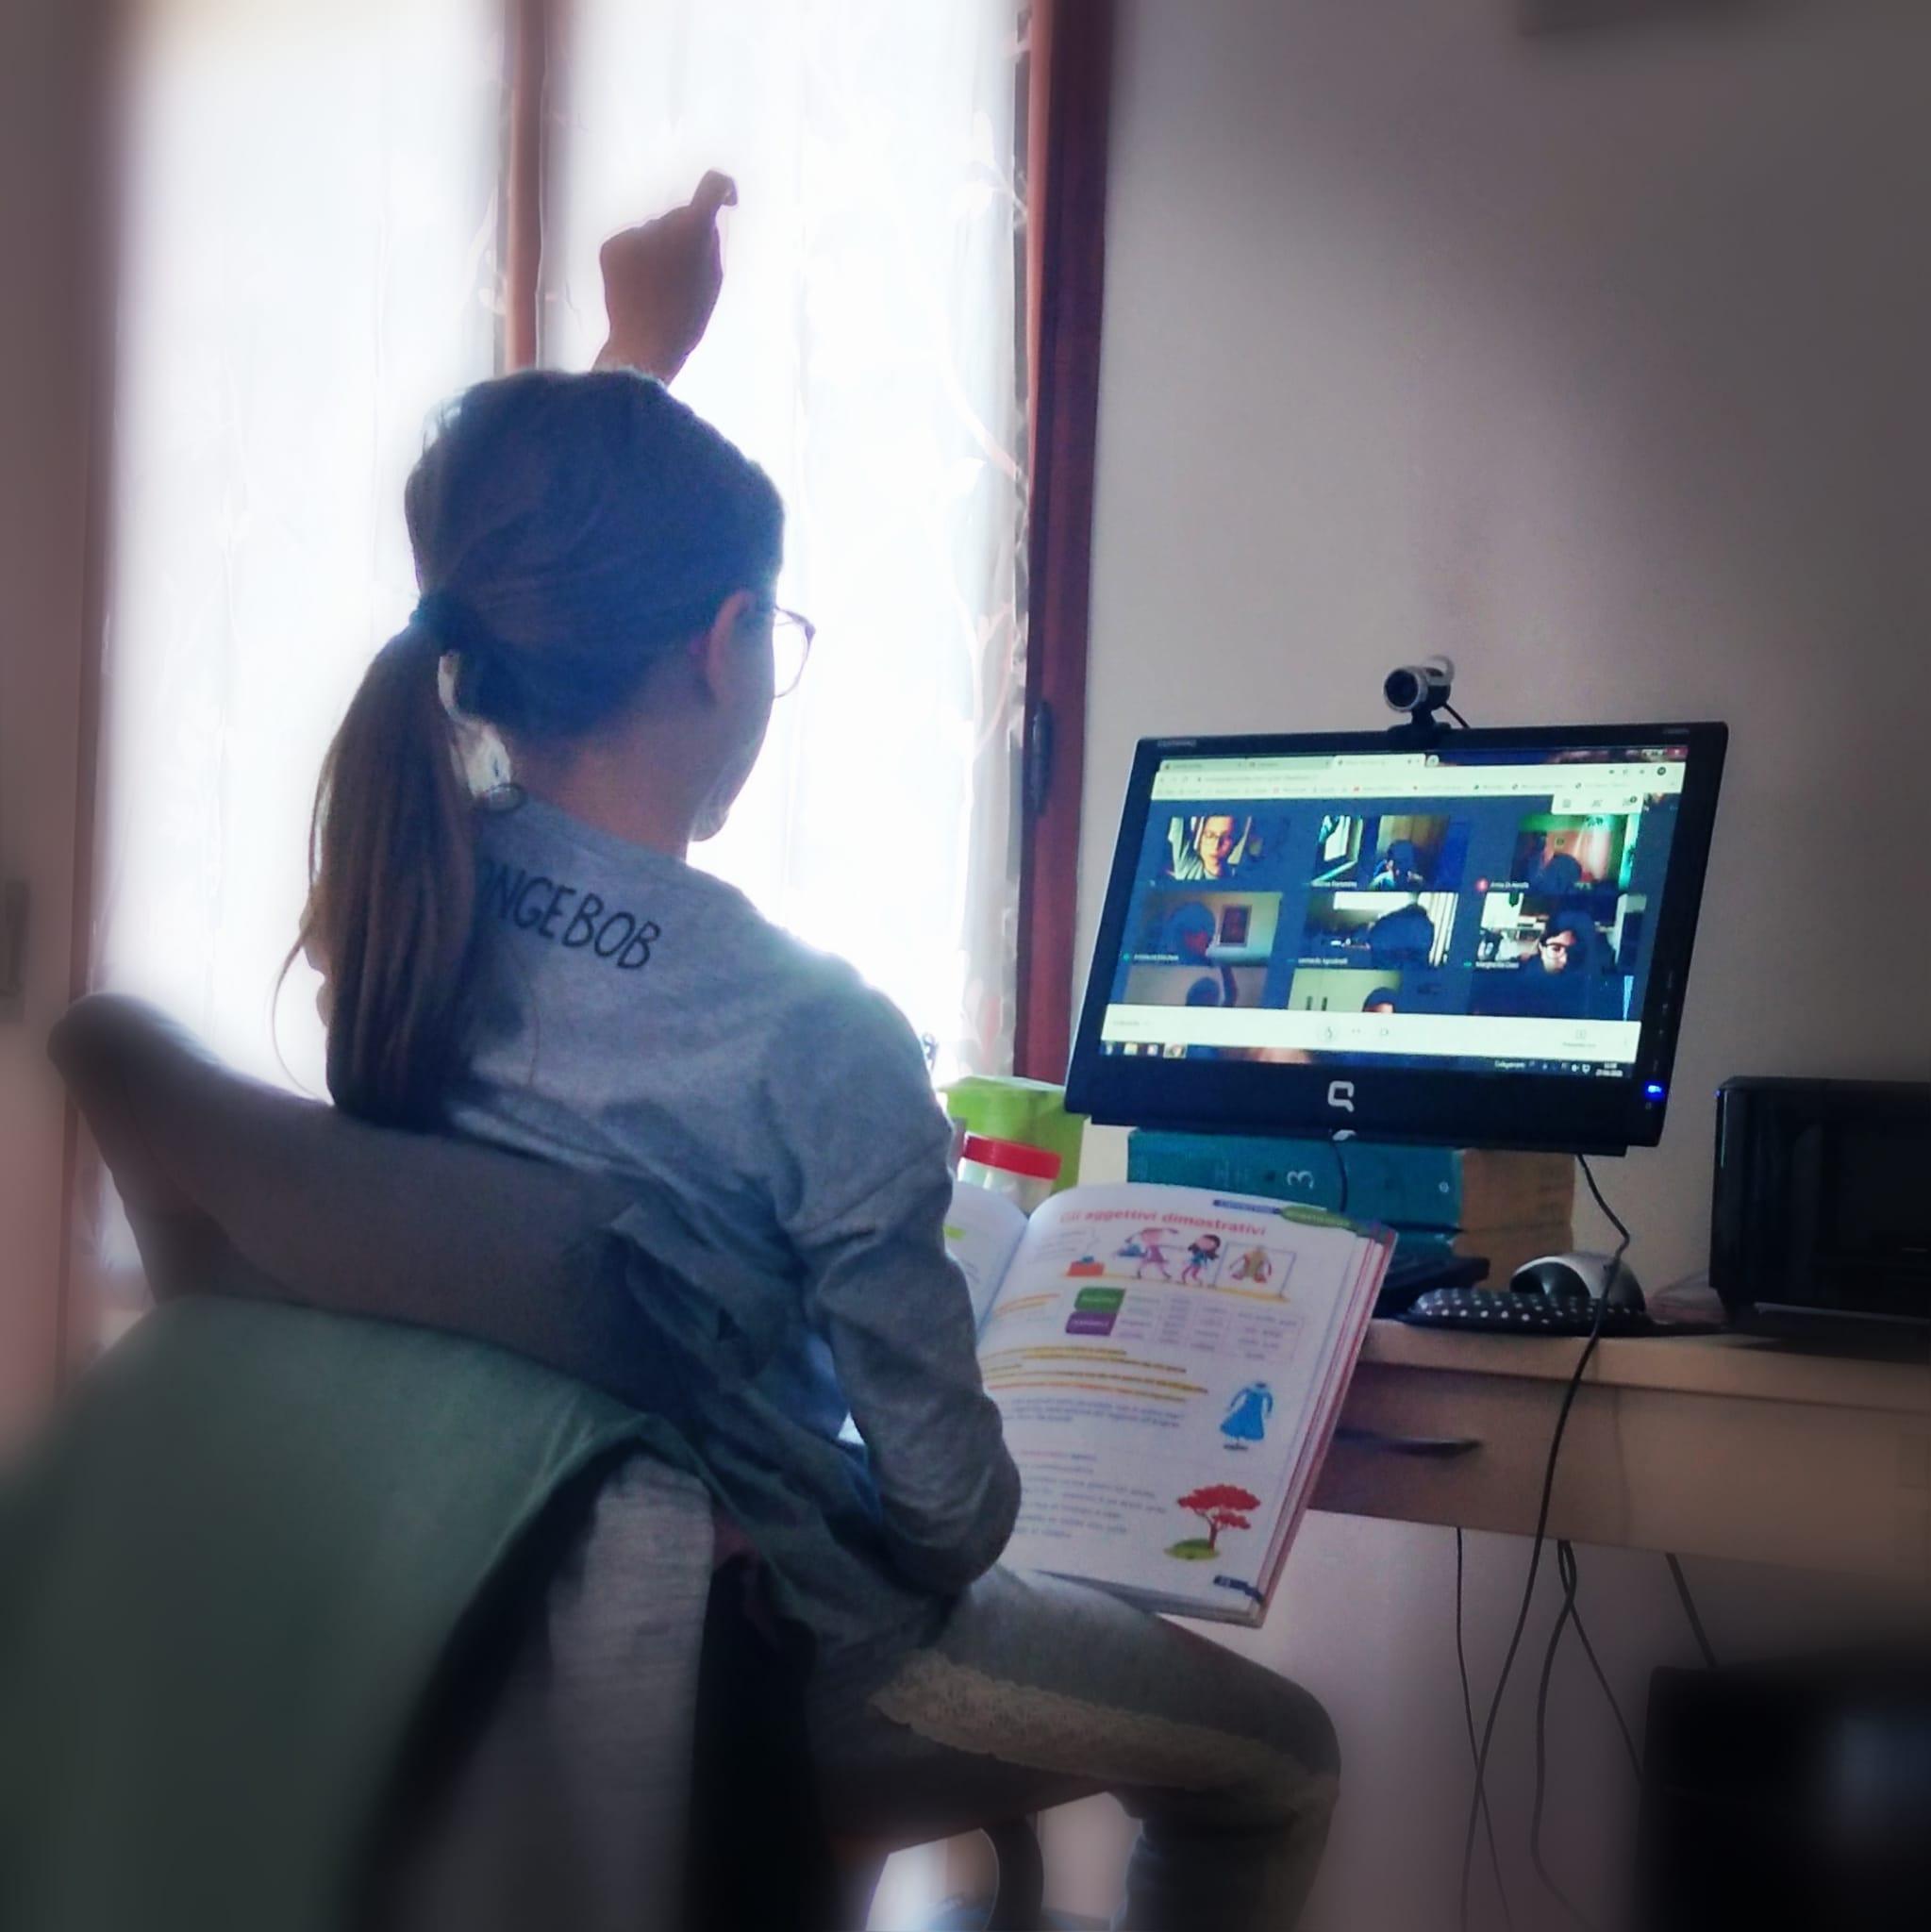 Alice partecipa davanti al computer a una videochiamata di classe ed alza la mano per poter intervenire